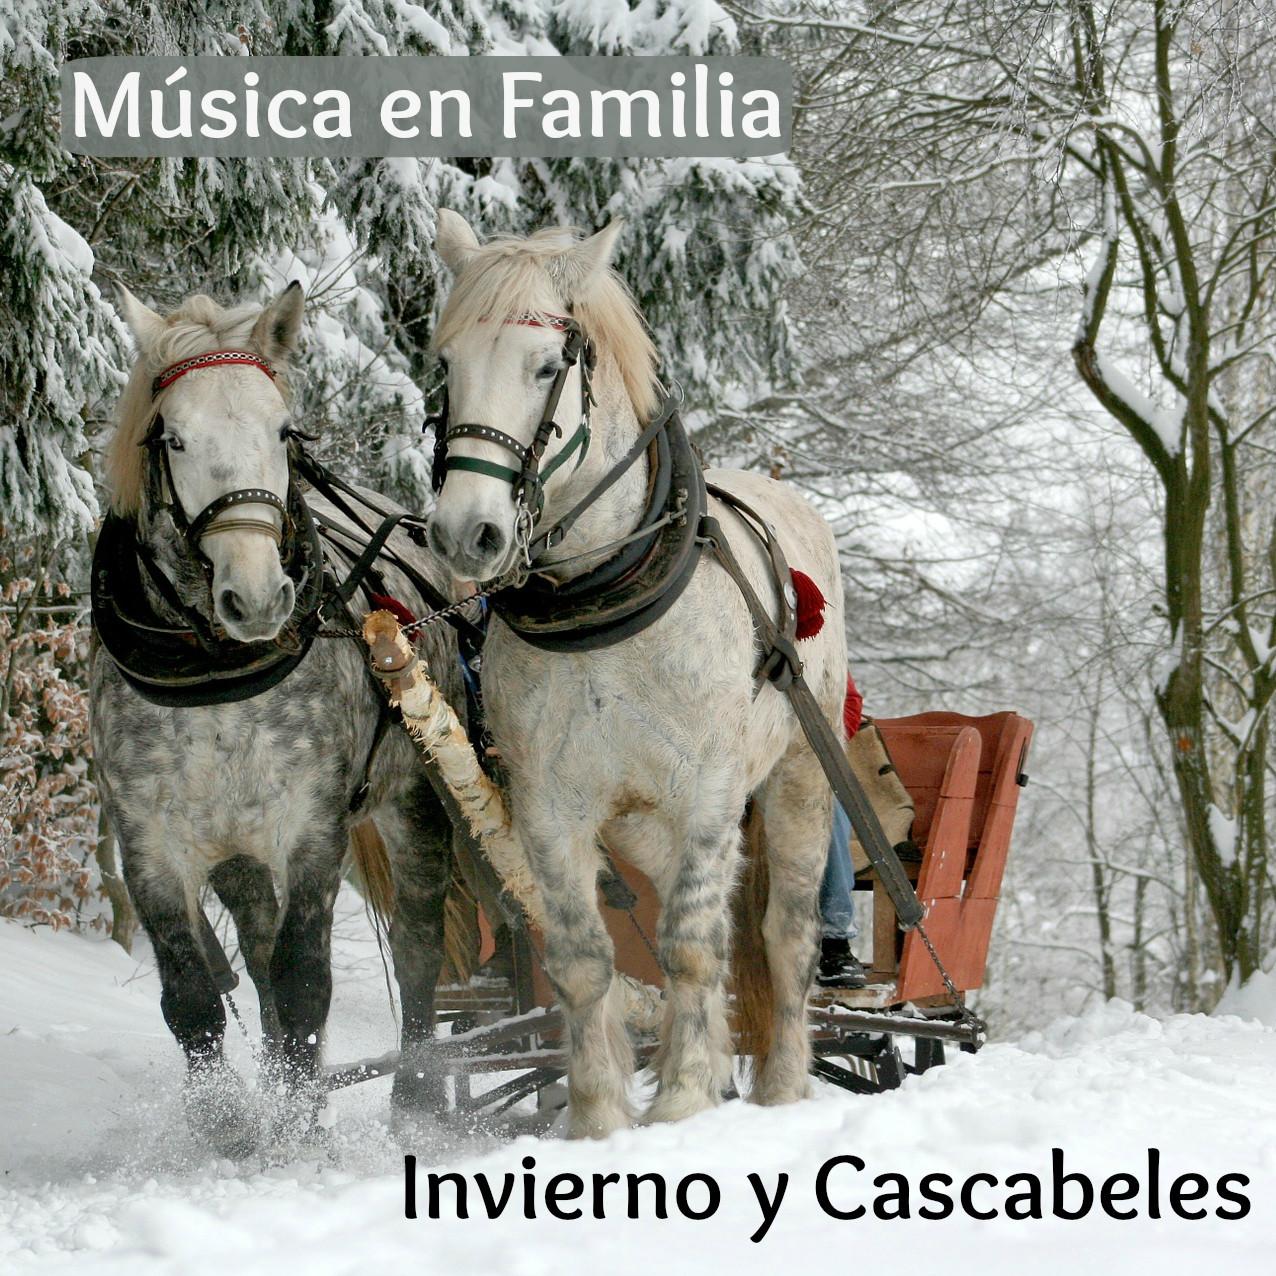 Música de Invierno. Música en Familia #3